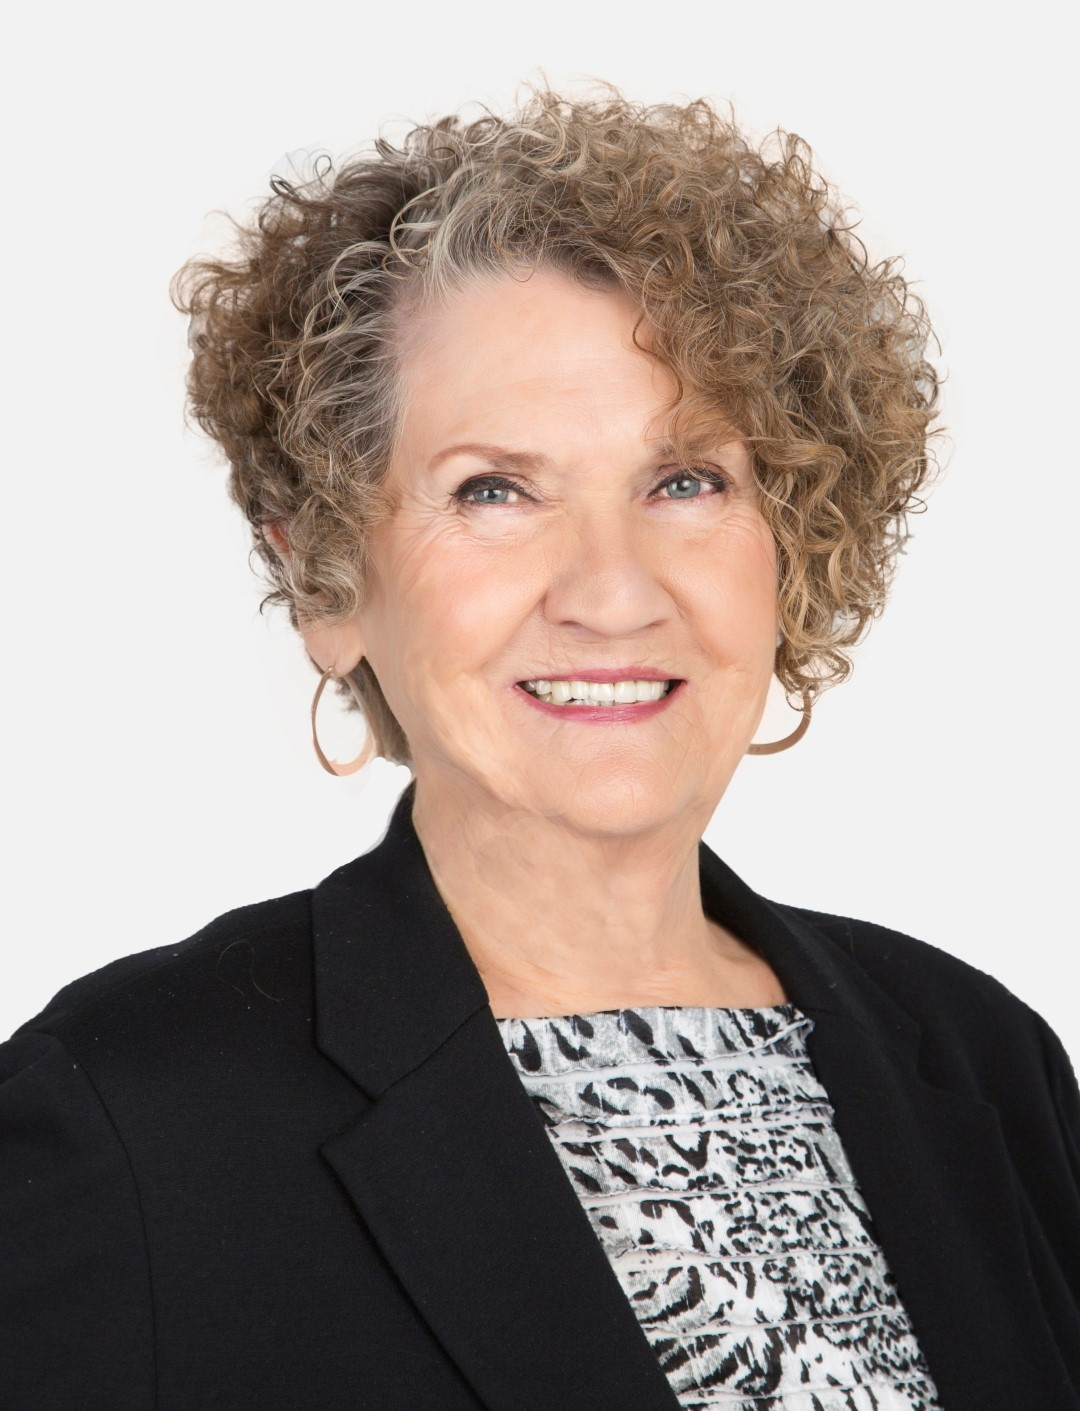 Helen Riggins ABR, CLHMS, CRS